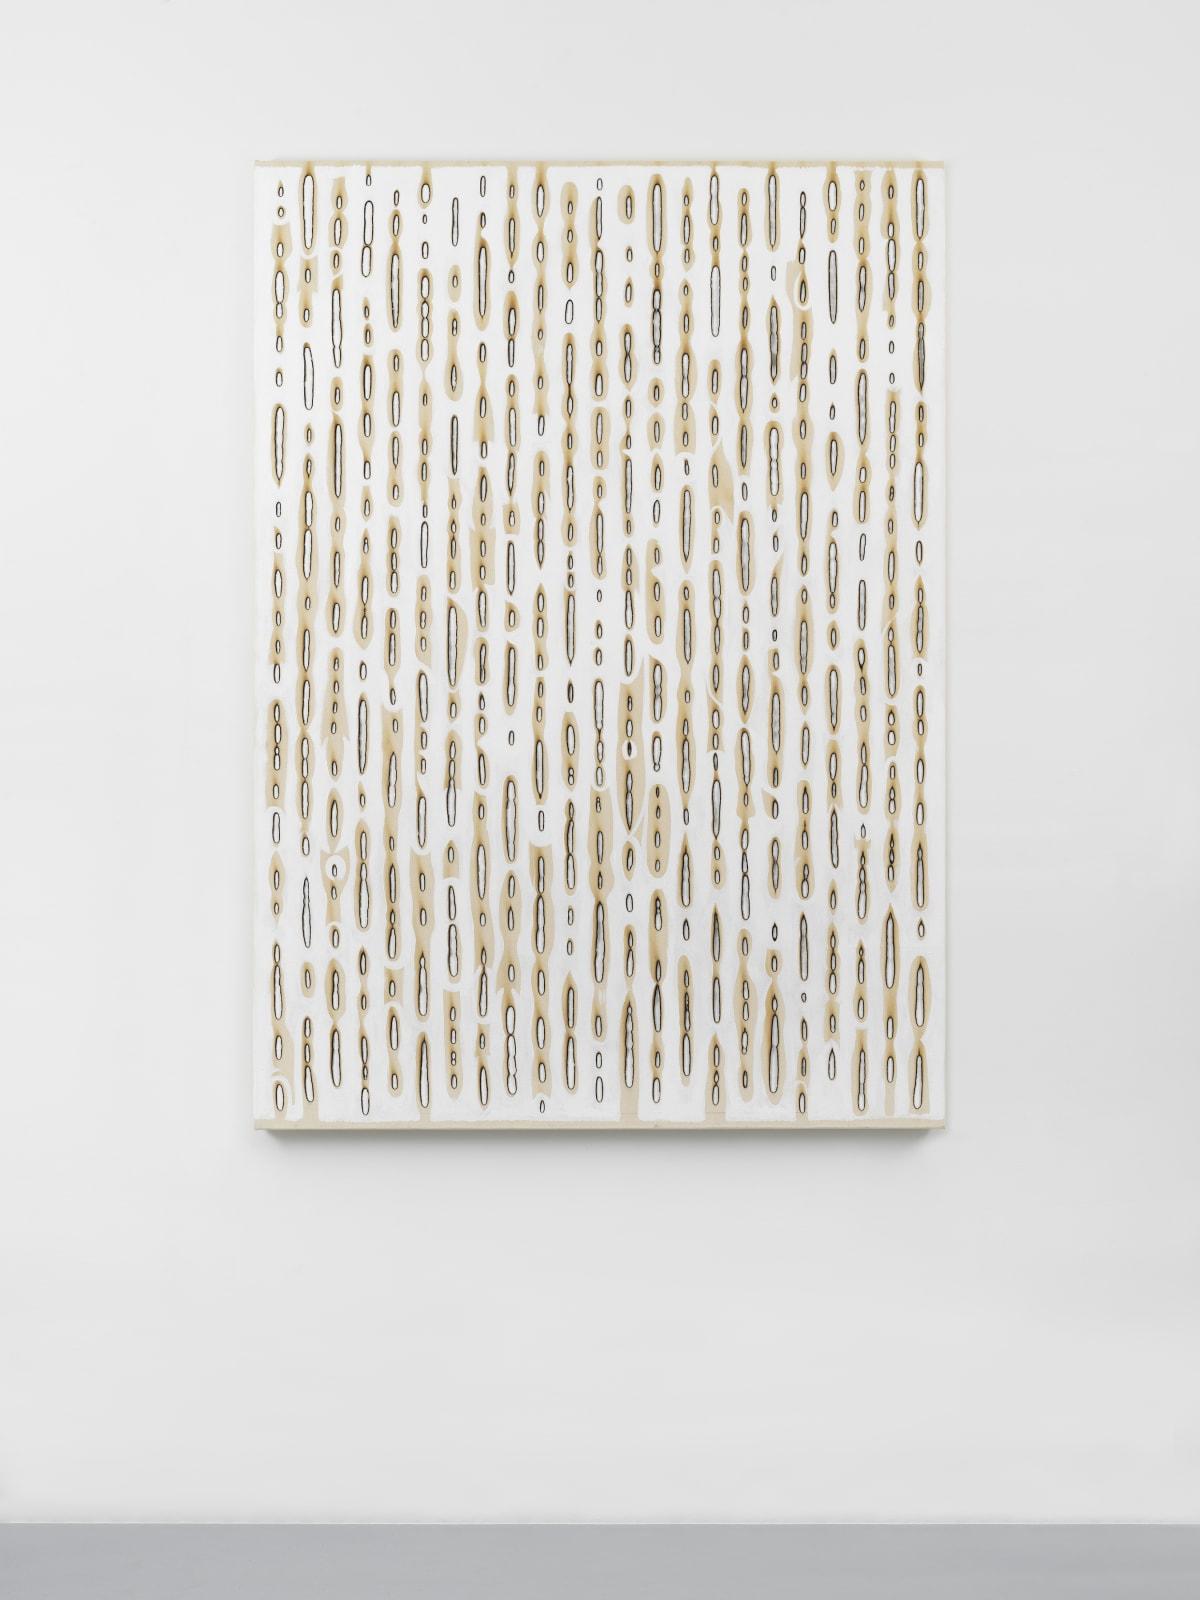 Kathleen Kucka, Feeling Machine, 2018